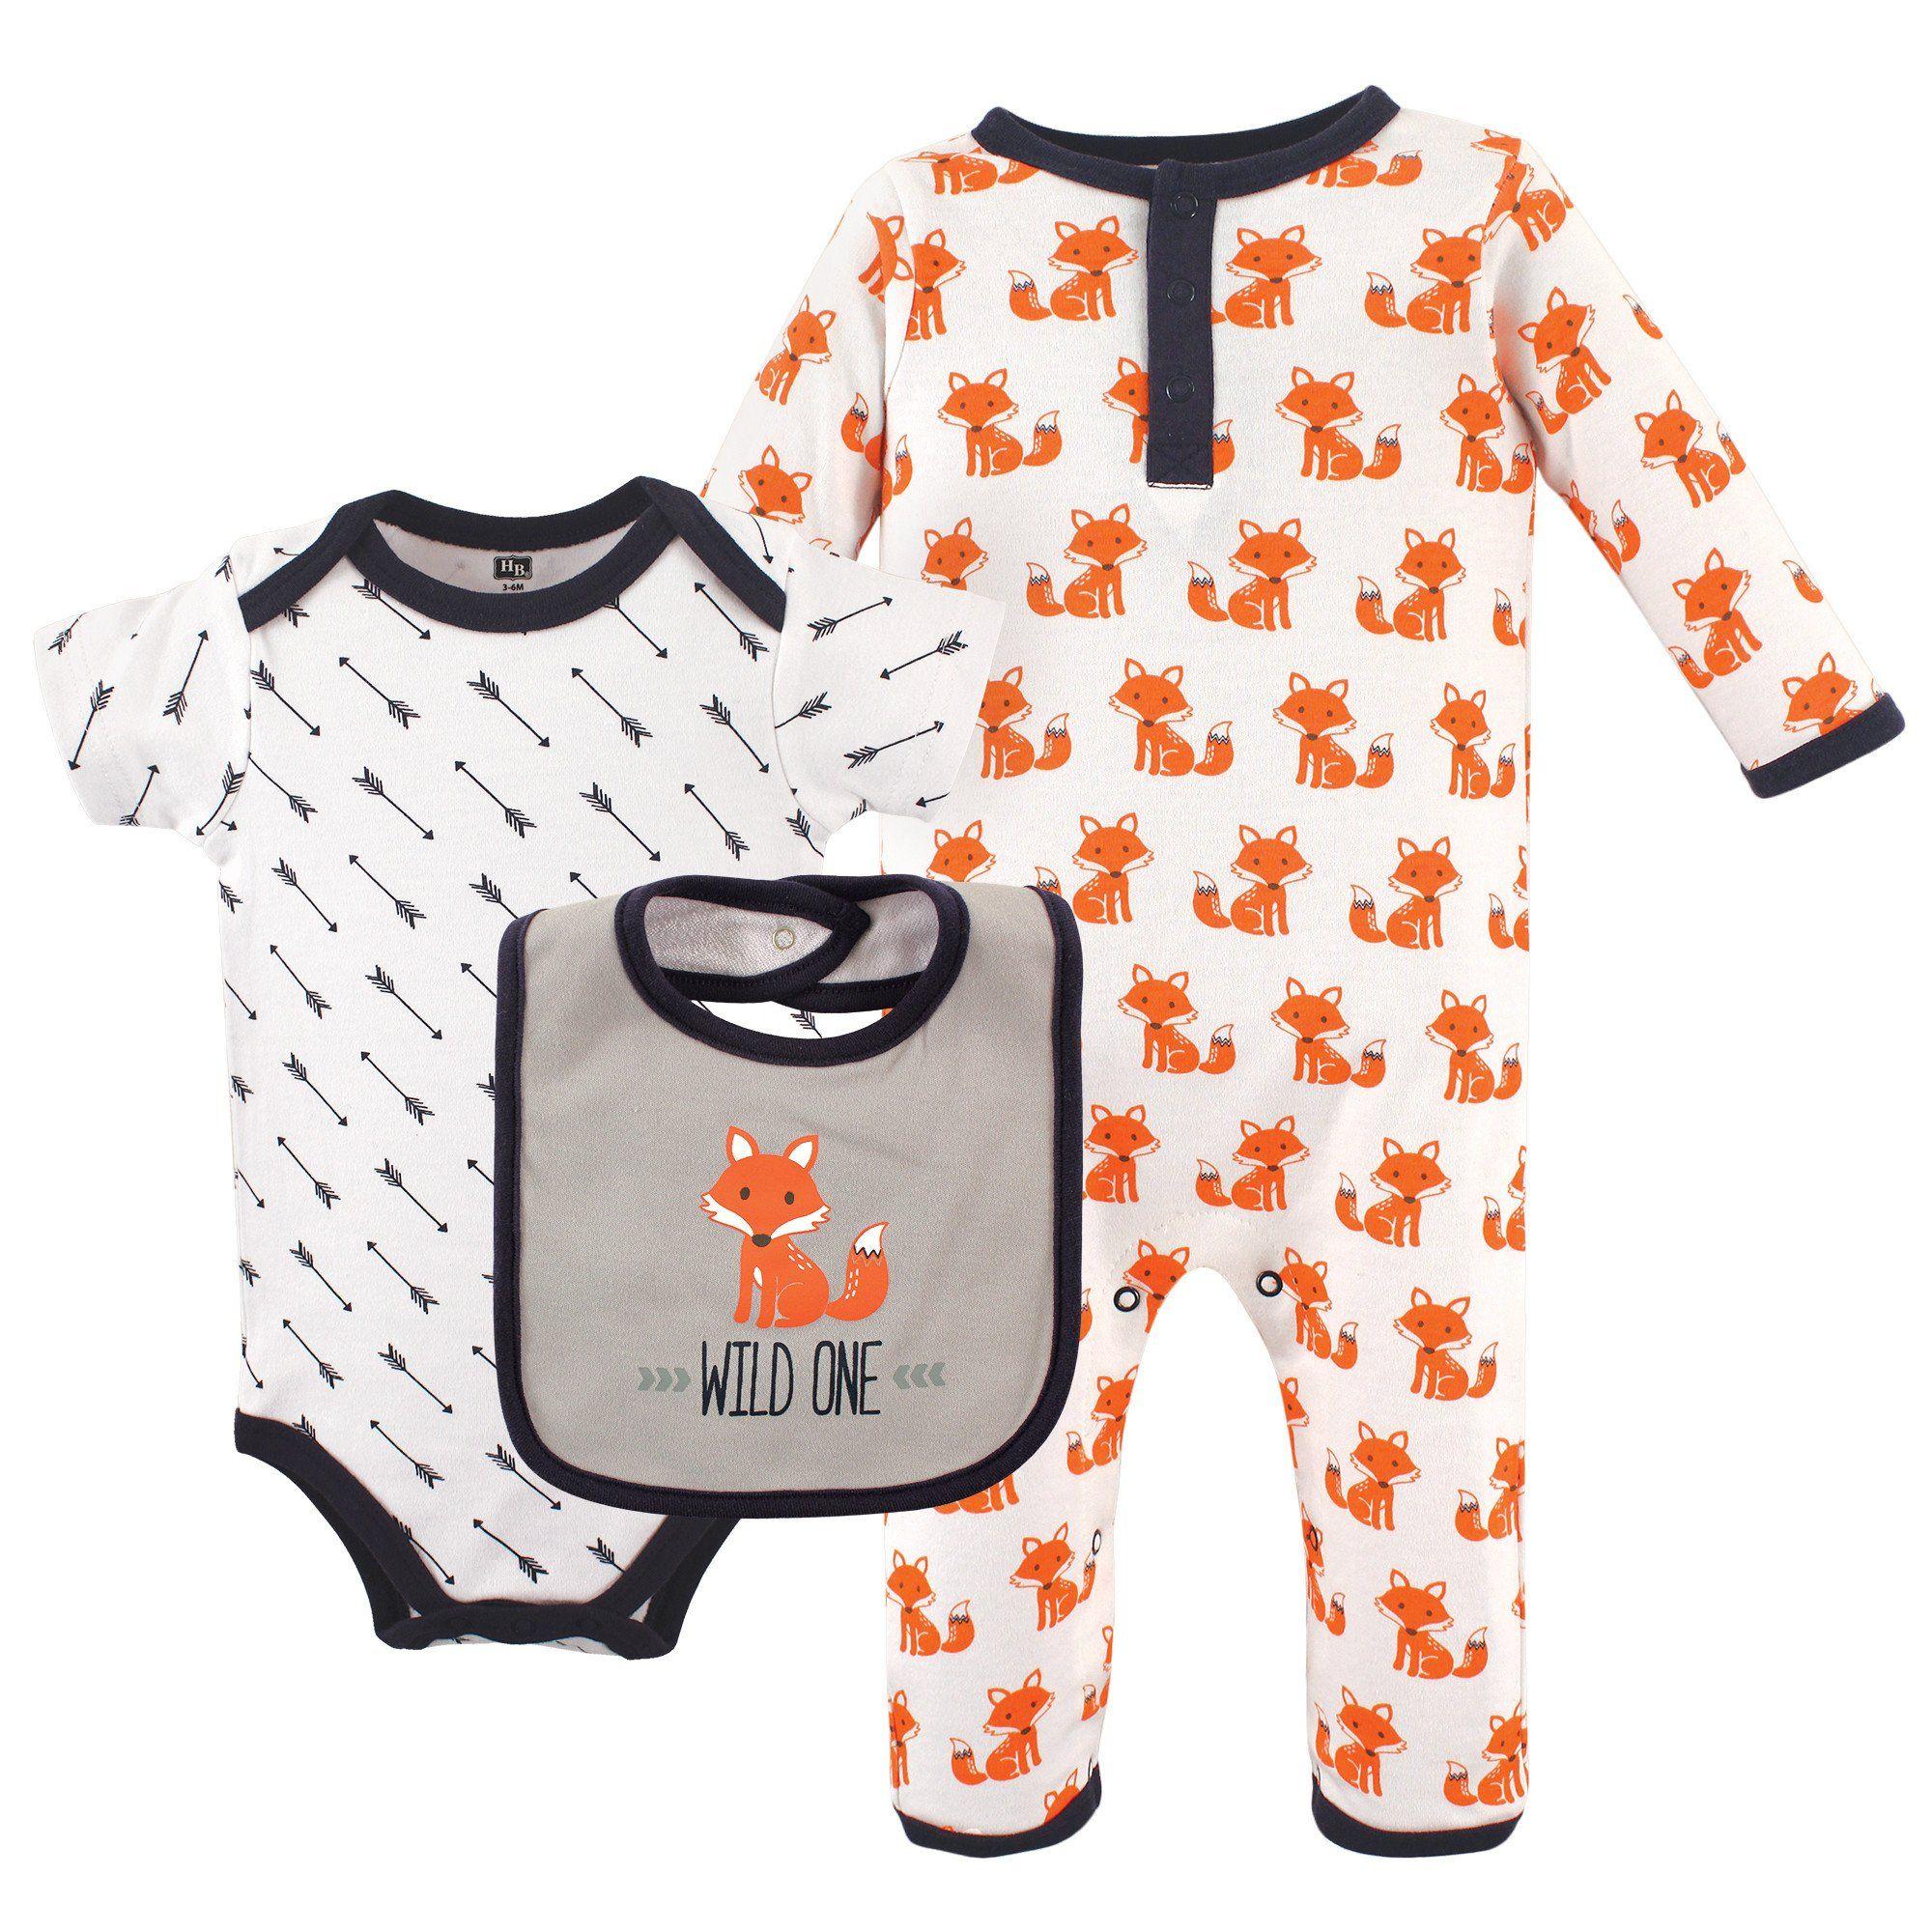 Hudson Baby Baby 3 Piece Cotton Union Suit Bodysuit and Bib Set